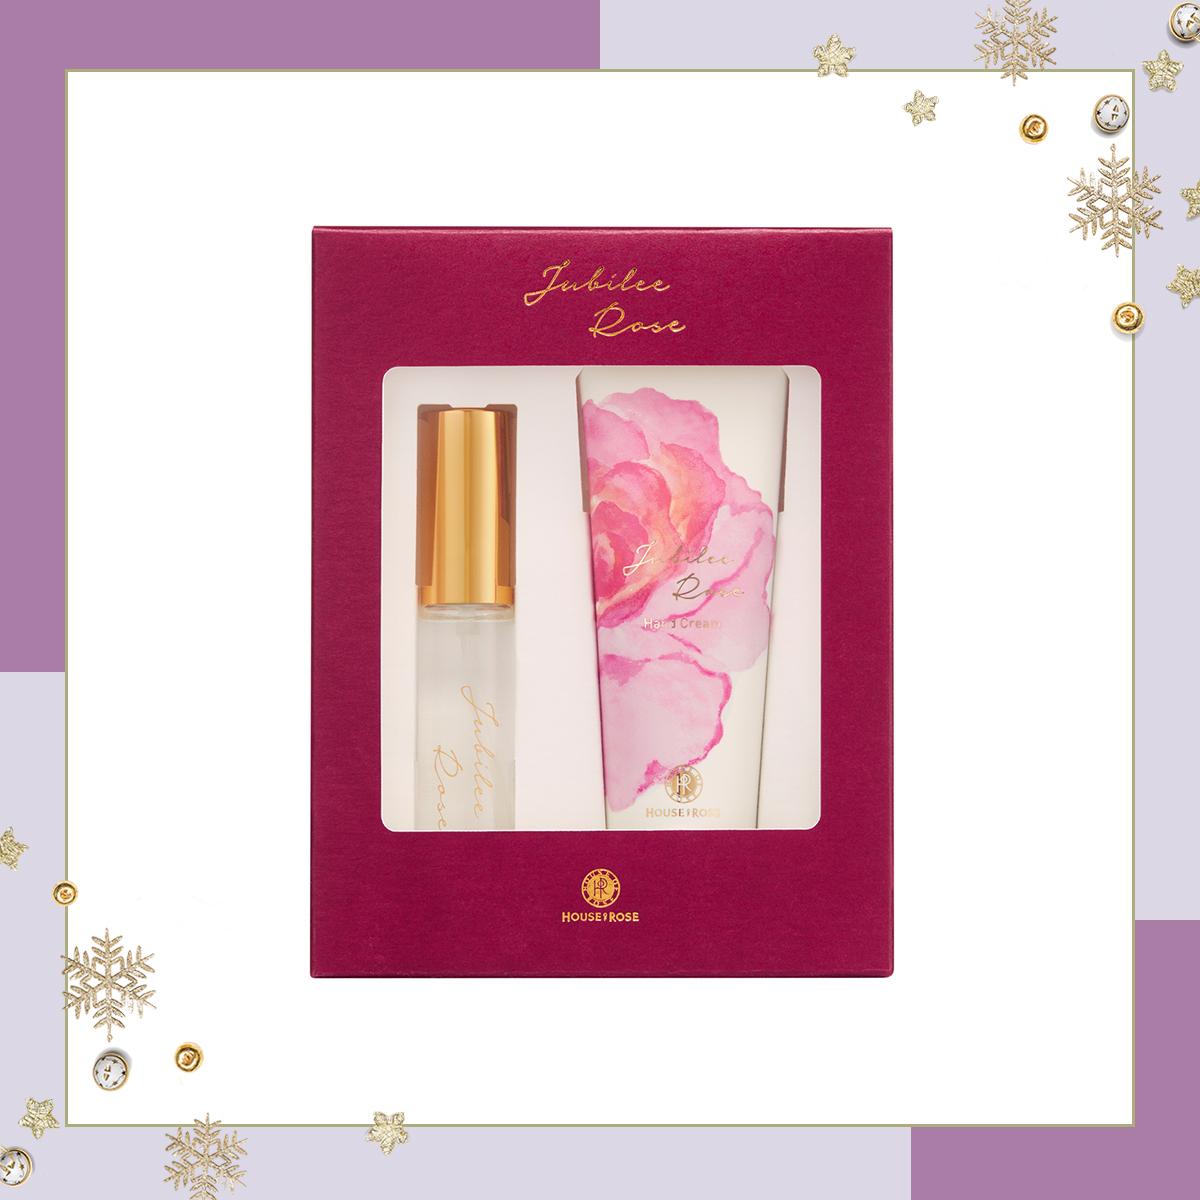 高貴で華やかなローズの香りに包まれる、幸せな時間を